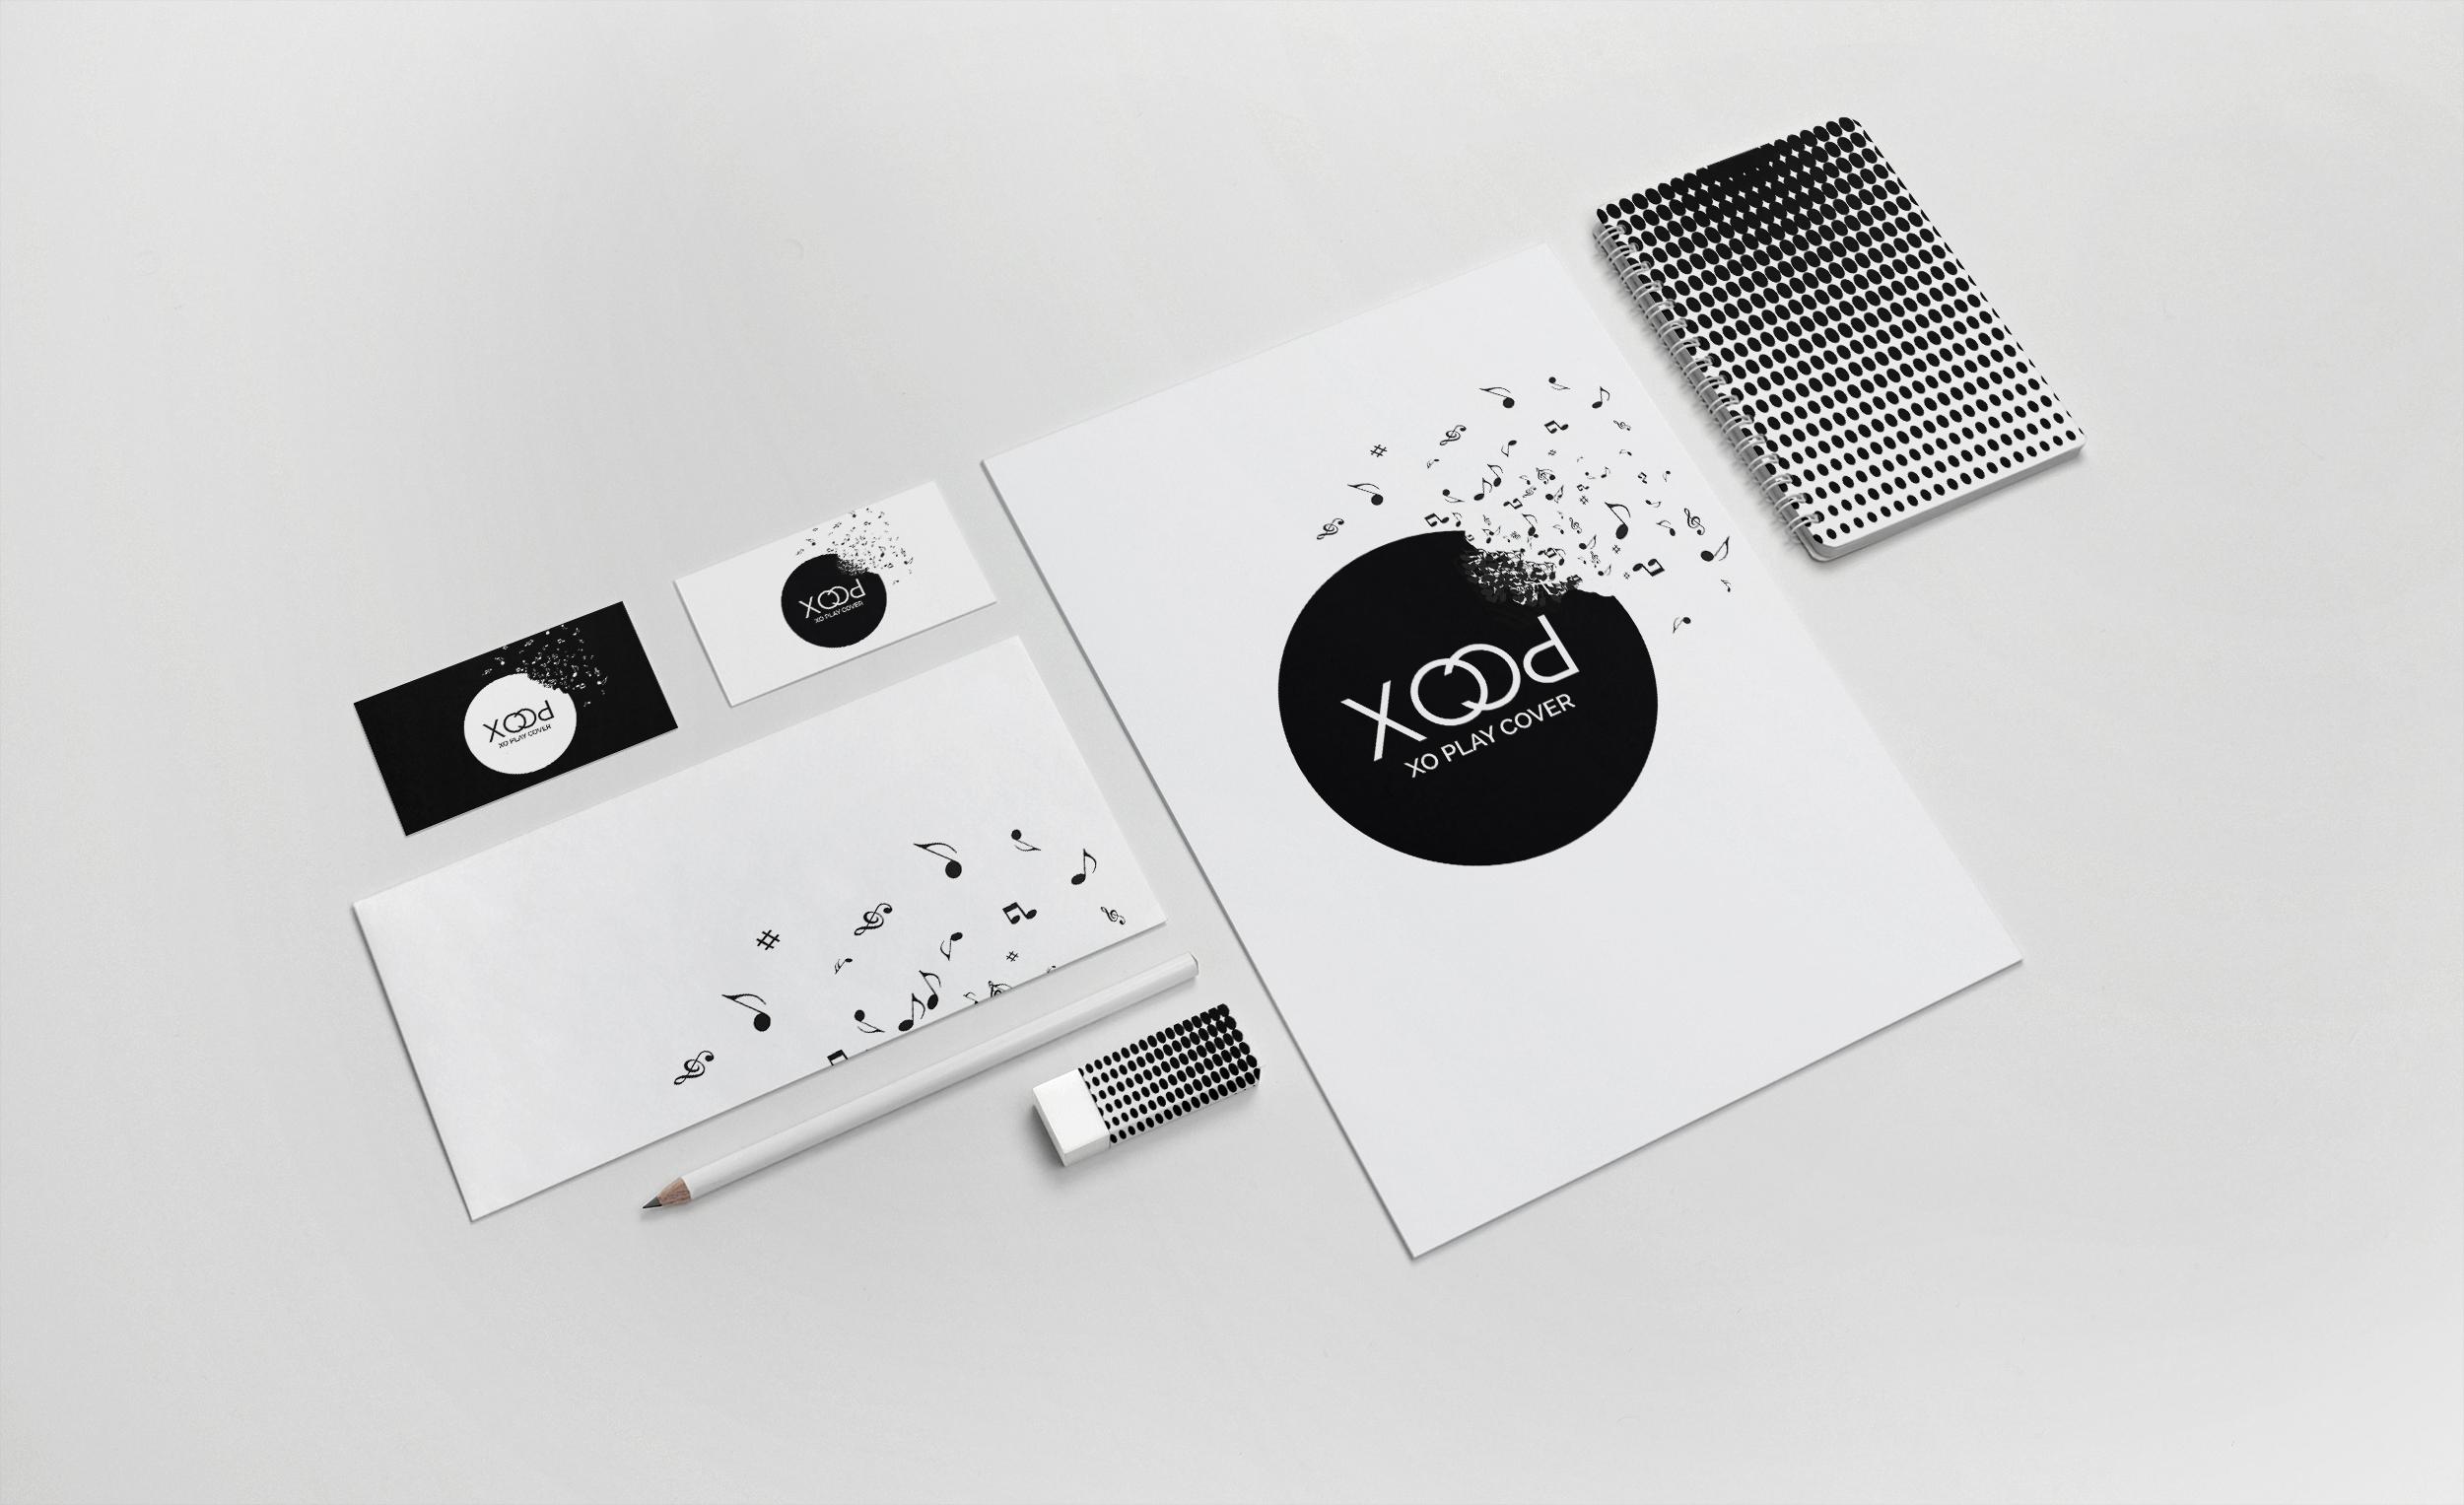 Identité visuelle XOPC